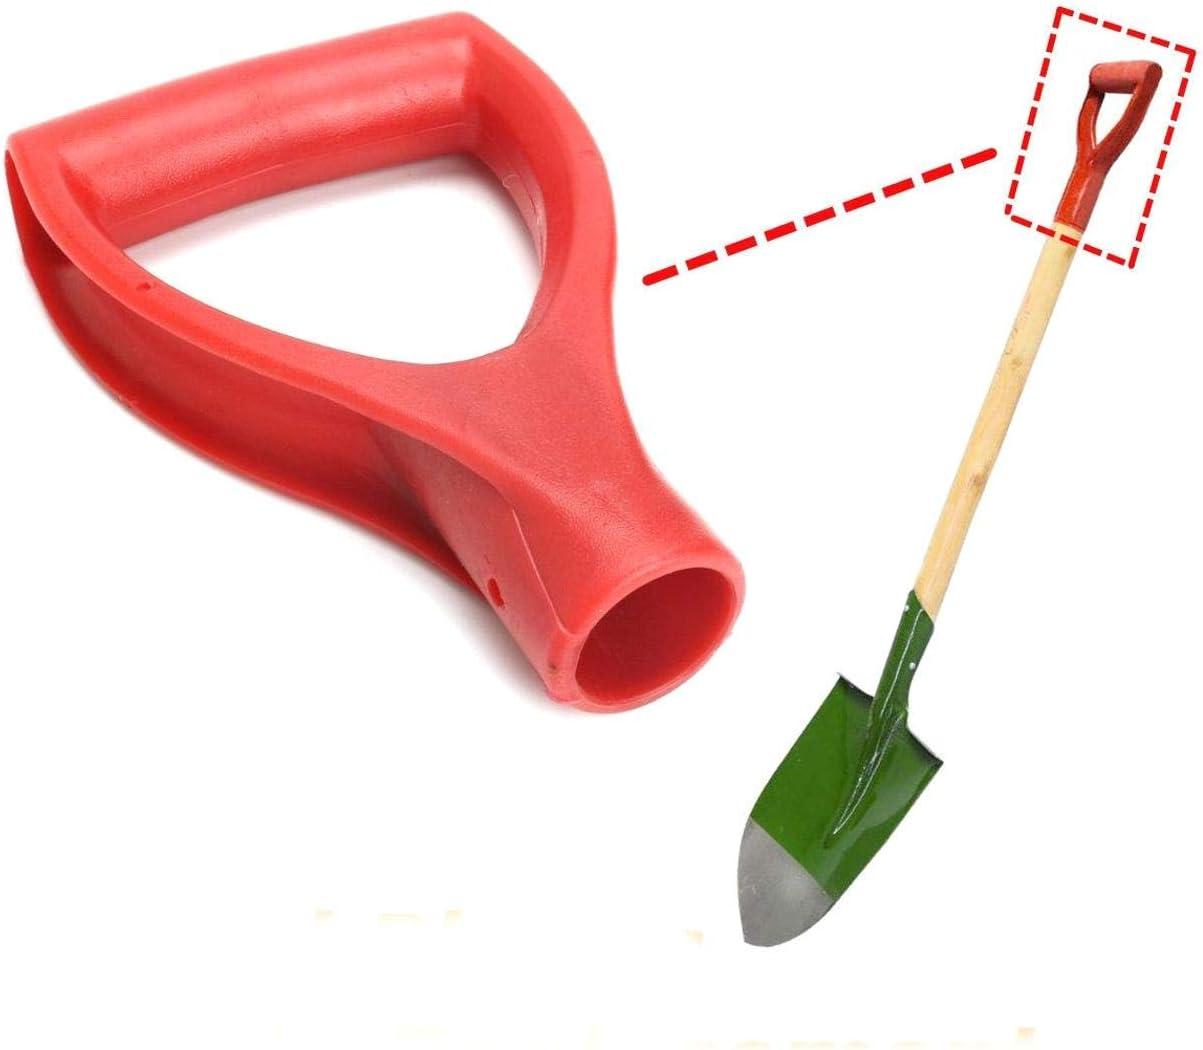 JOJOZZ Pallina di plastica D-Impugnatura di Ricambio per la rimozione Garden Lawn Farm Neve Spade Forcella Pala